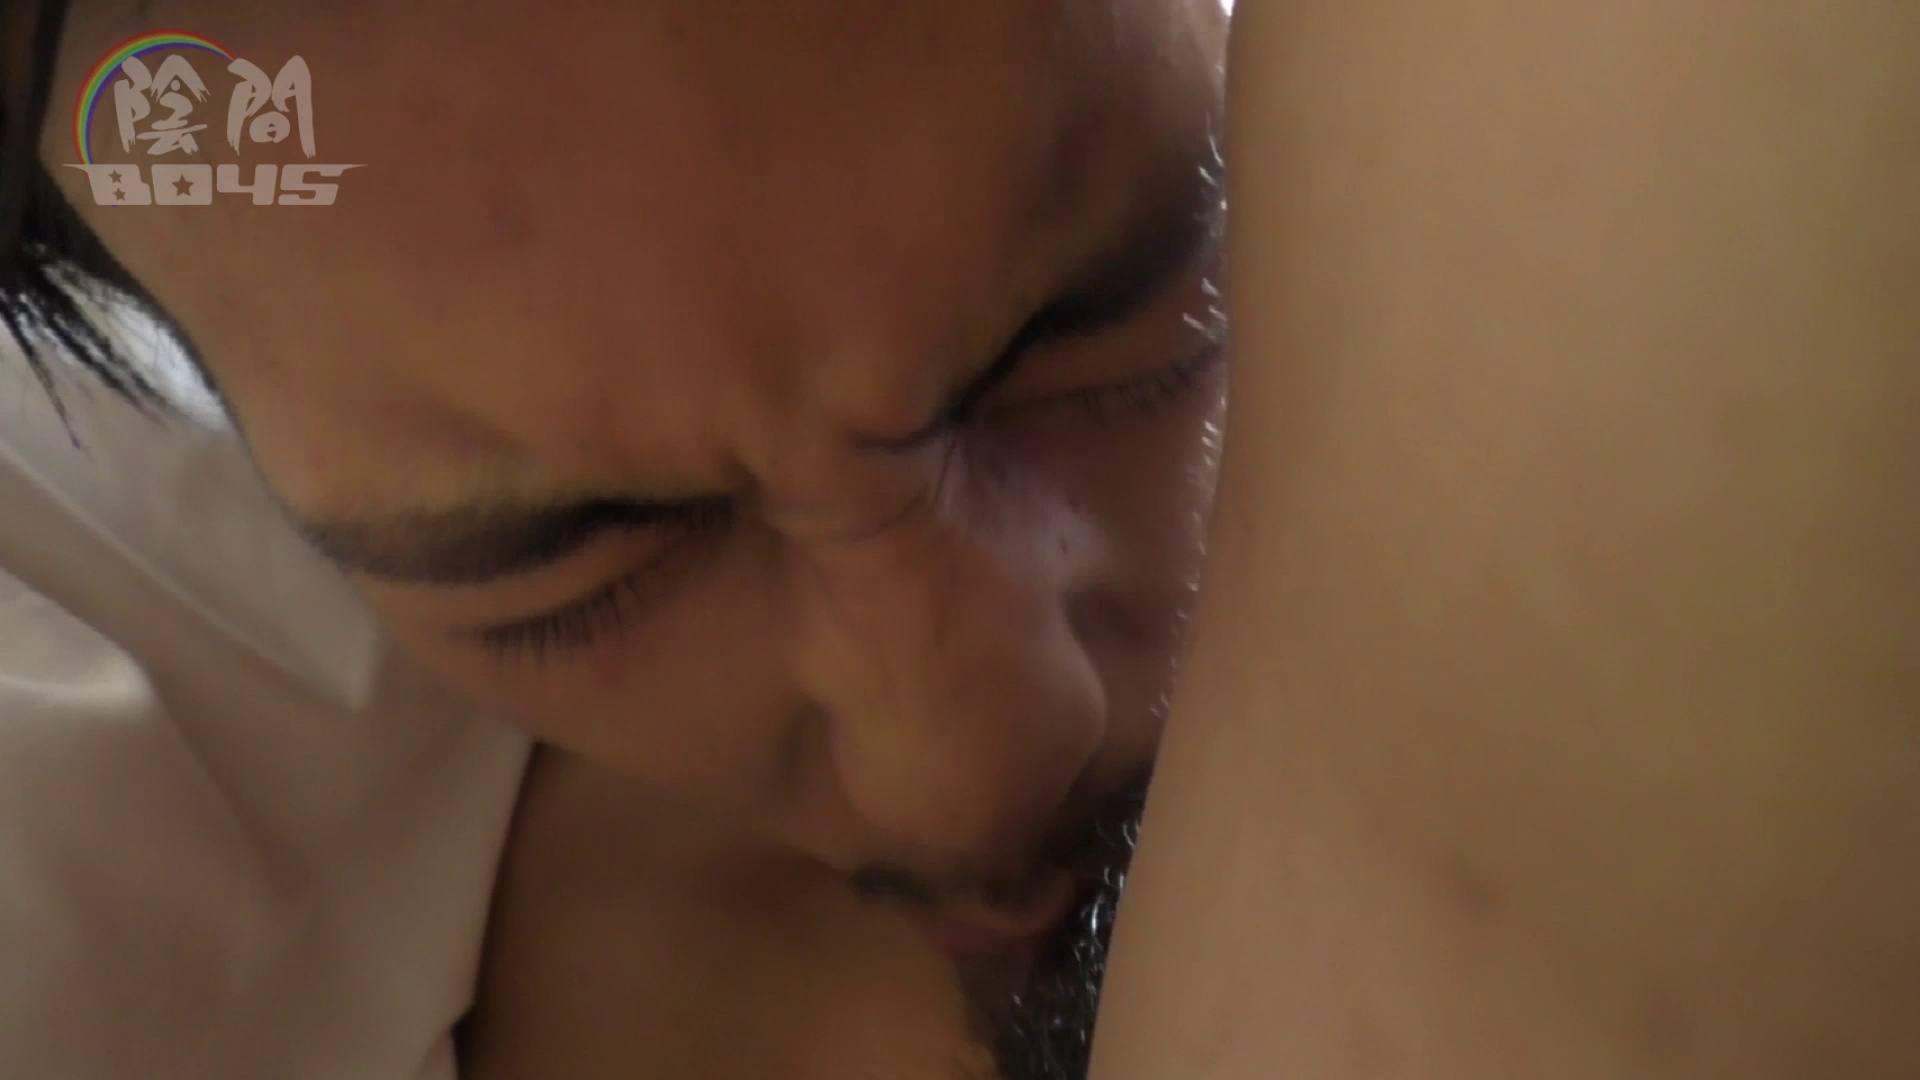 陰間BOYS~「アナルだけは許して…2」~06 お口で! ゲイ無修正動画画像 104pic 77